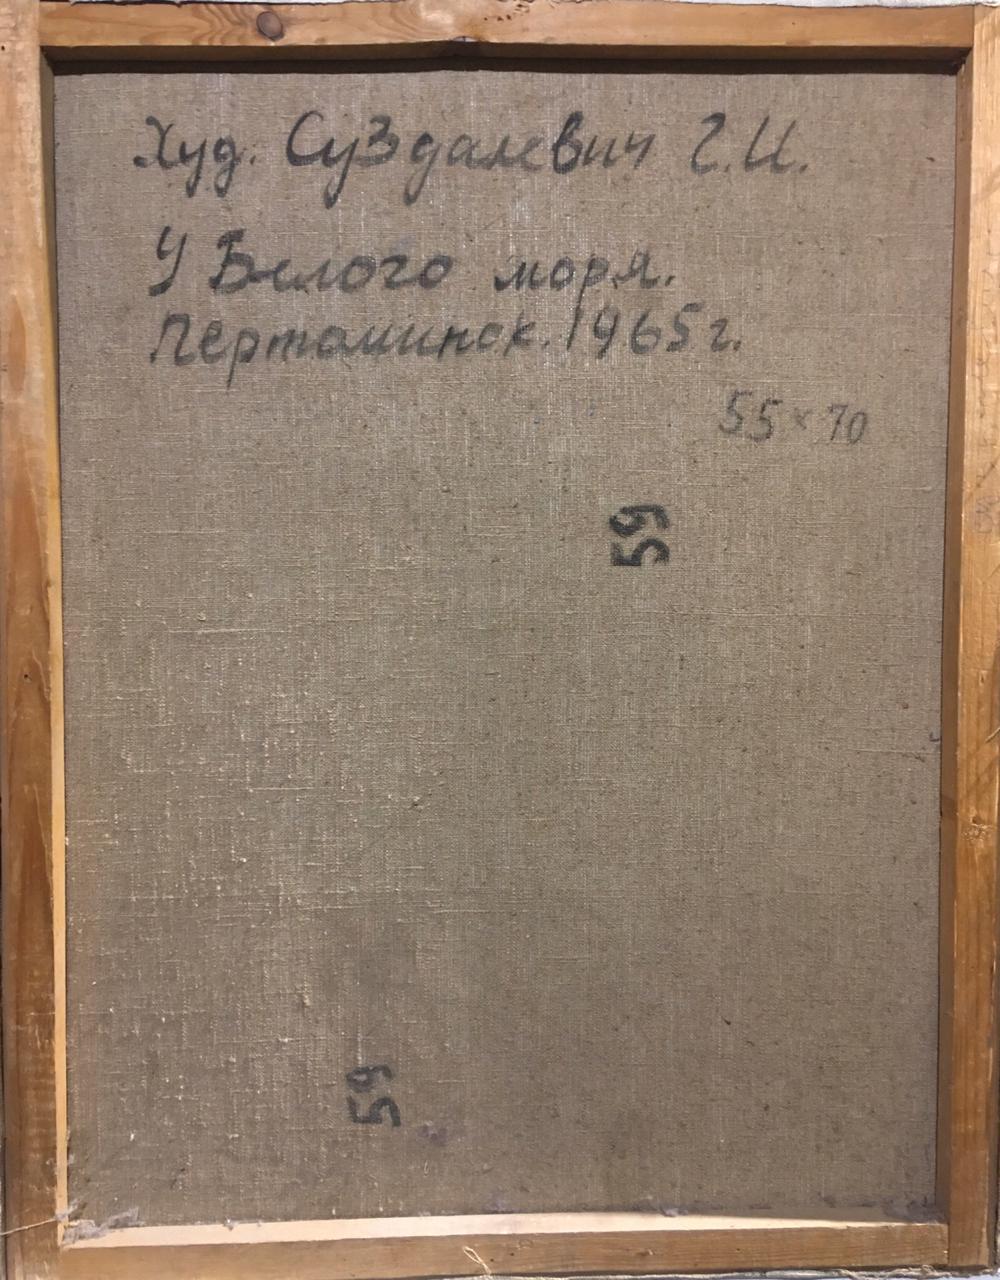 Оборот. Суздалевич Георгий Иосифович. У Белого моря. Петроминск